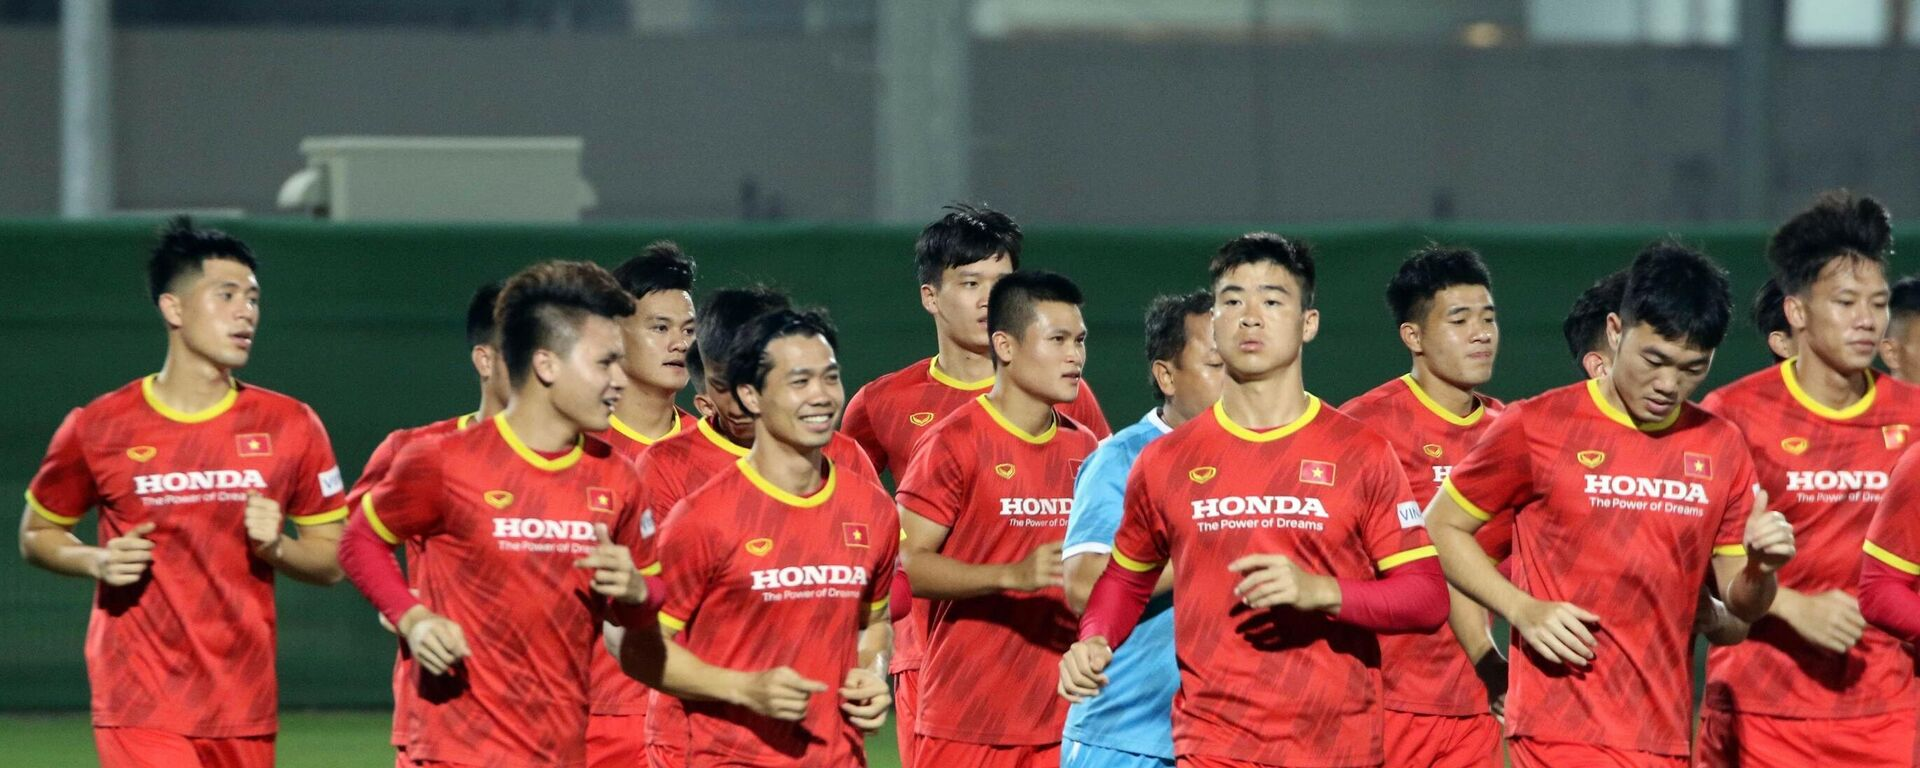 Vòng loại World Cup 2022: Đội tuyển Việt Nam tập buổi đầu tiên ở Sharjah - Sputnik Việt Nam, 1920, 06.10.2021